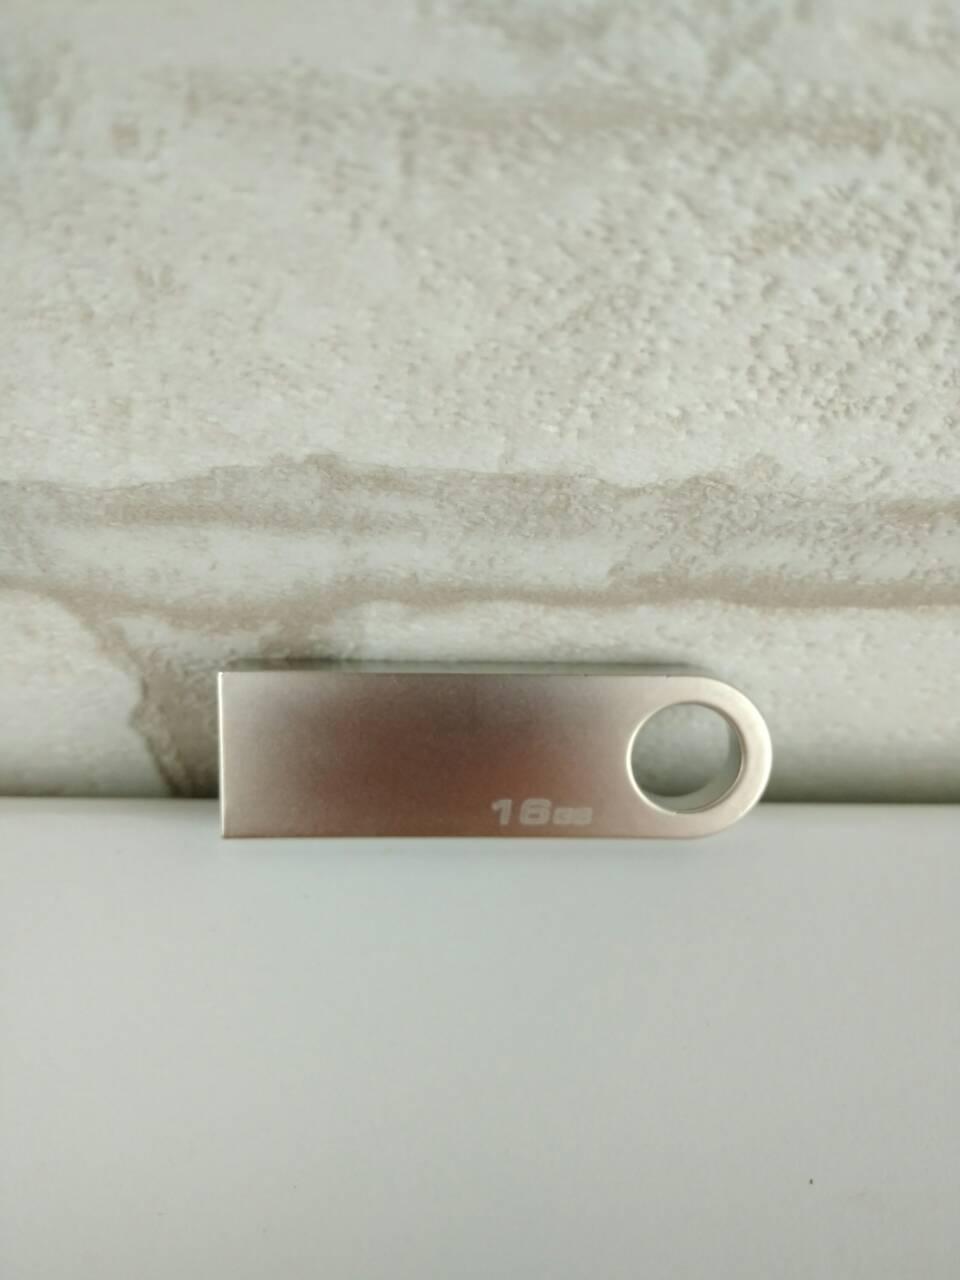 USB флеш накопитель Kingstone 16Gb 2.0 реплика